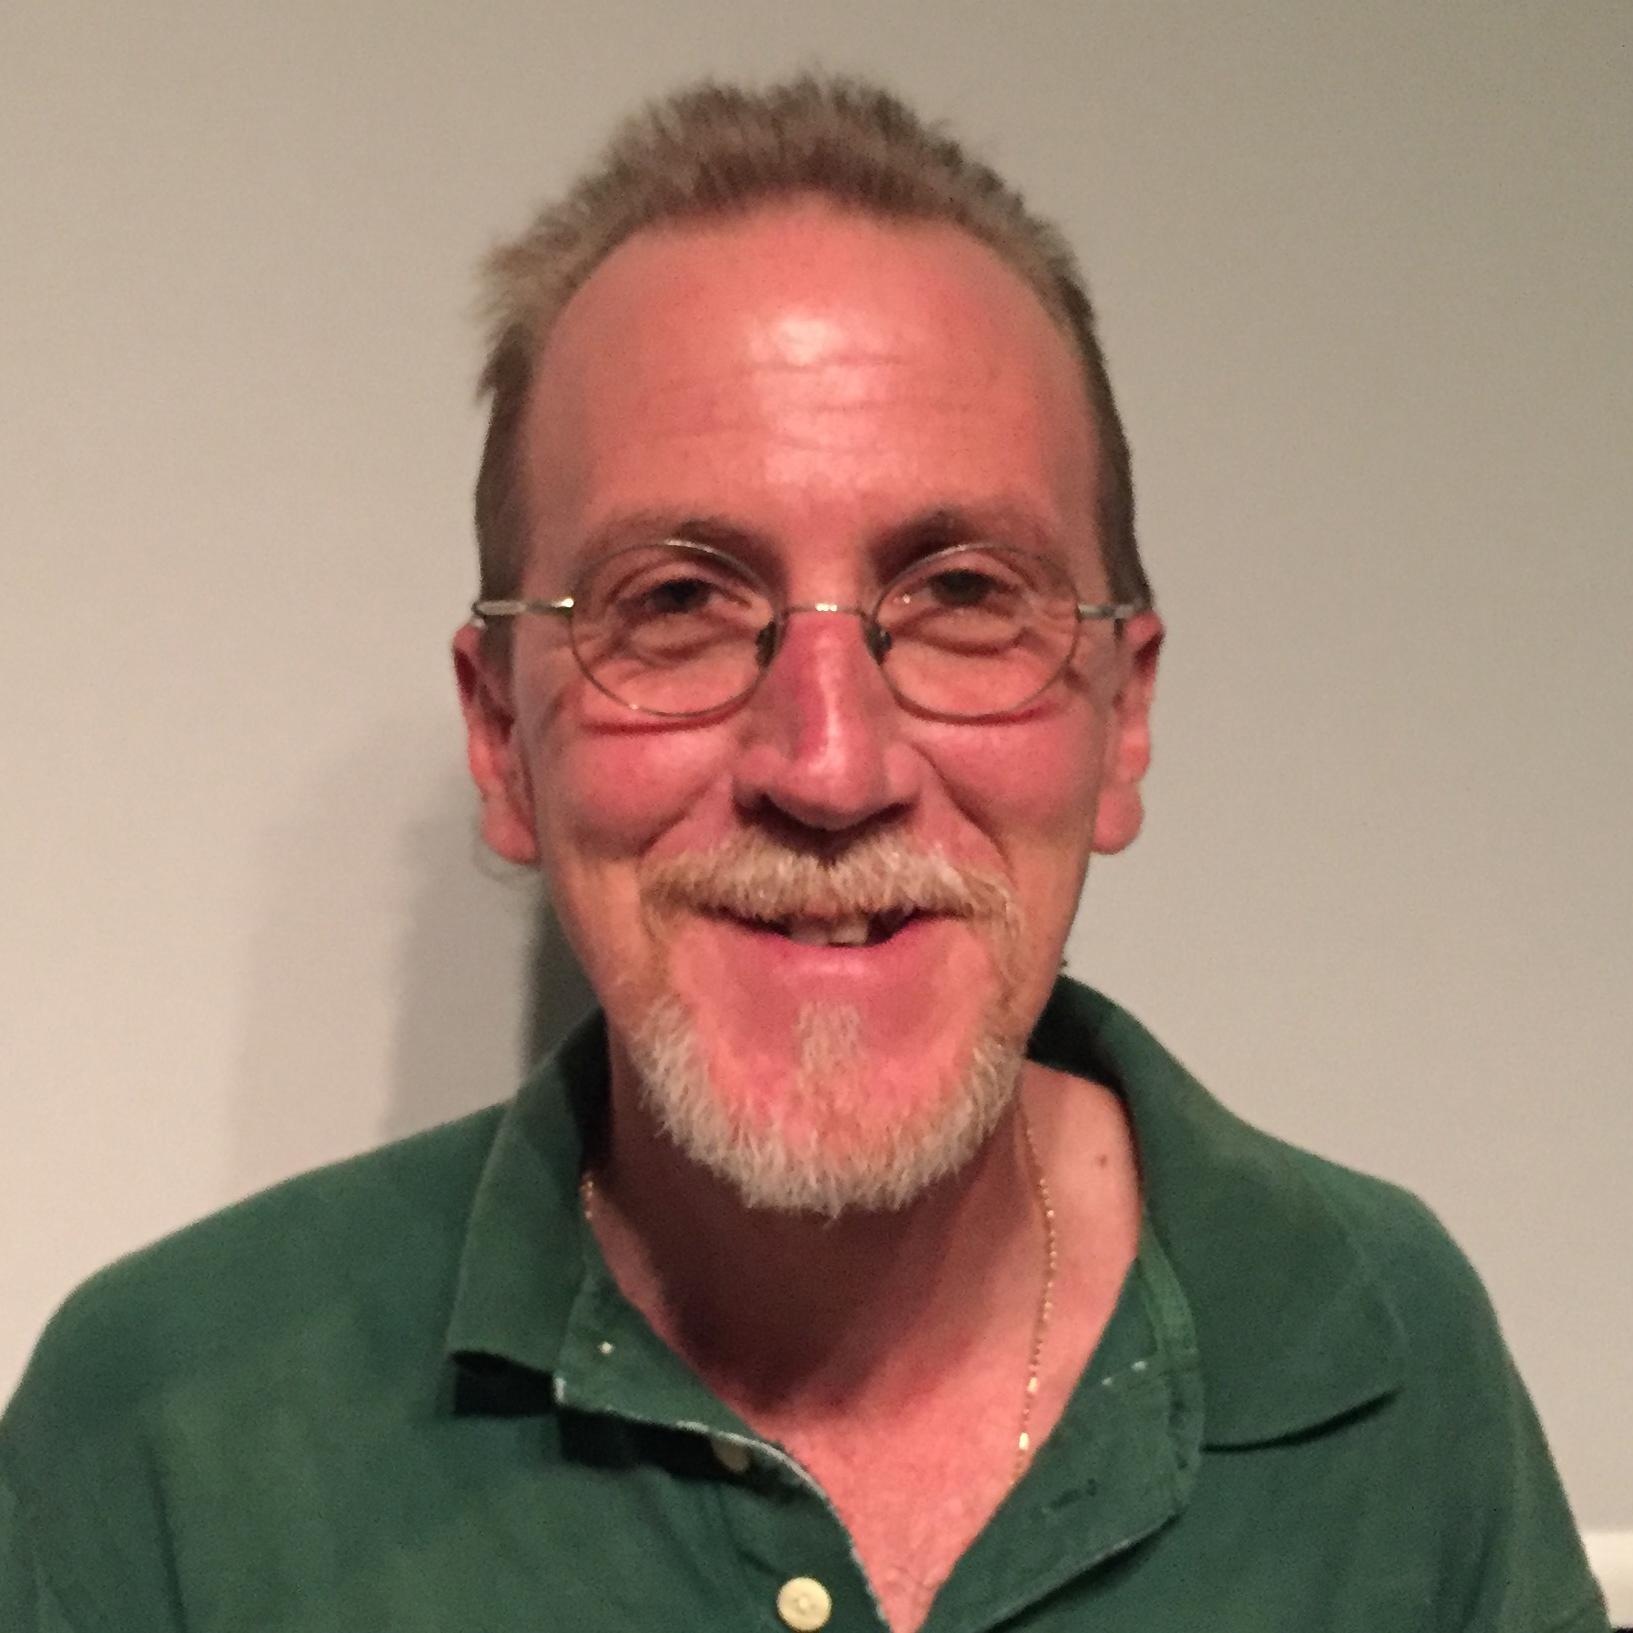 Jeff Stough